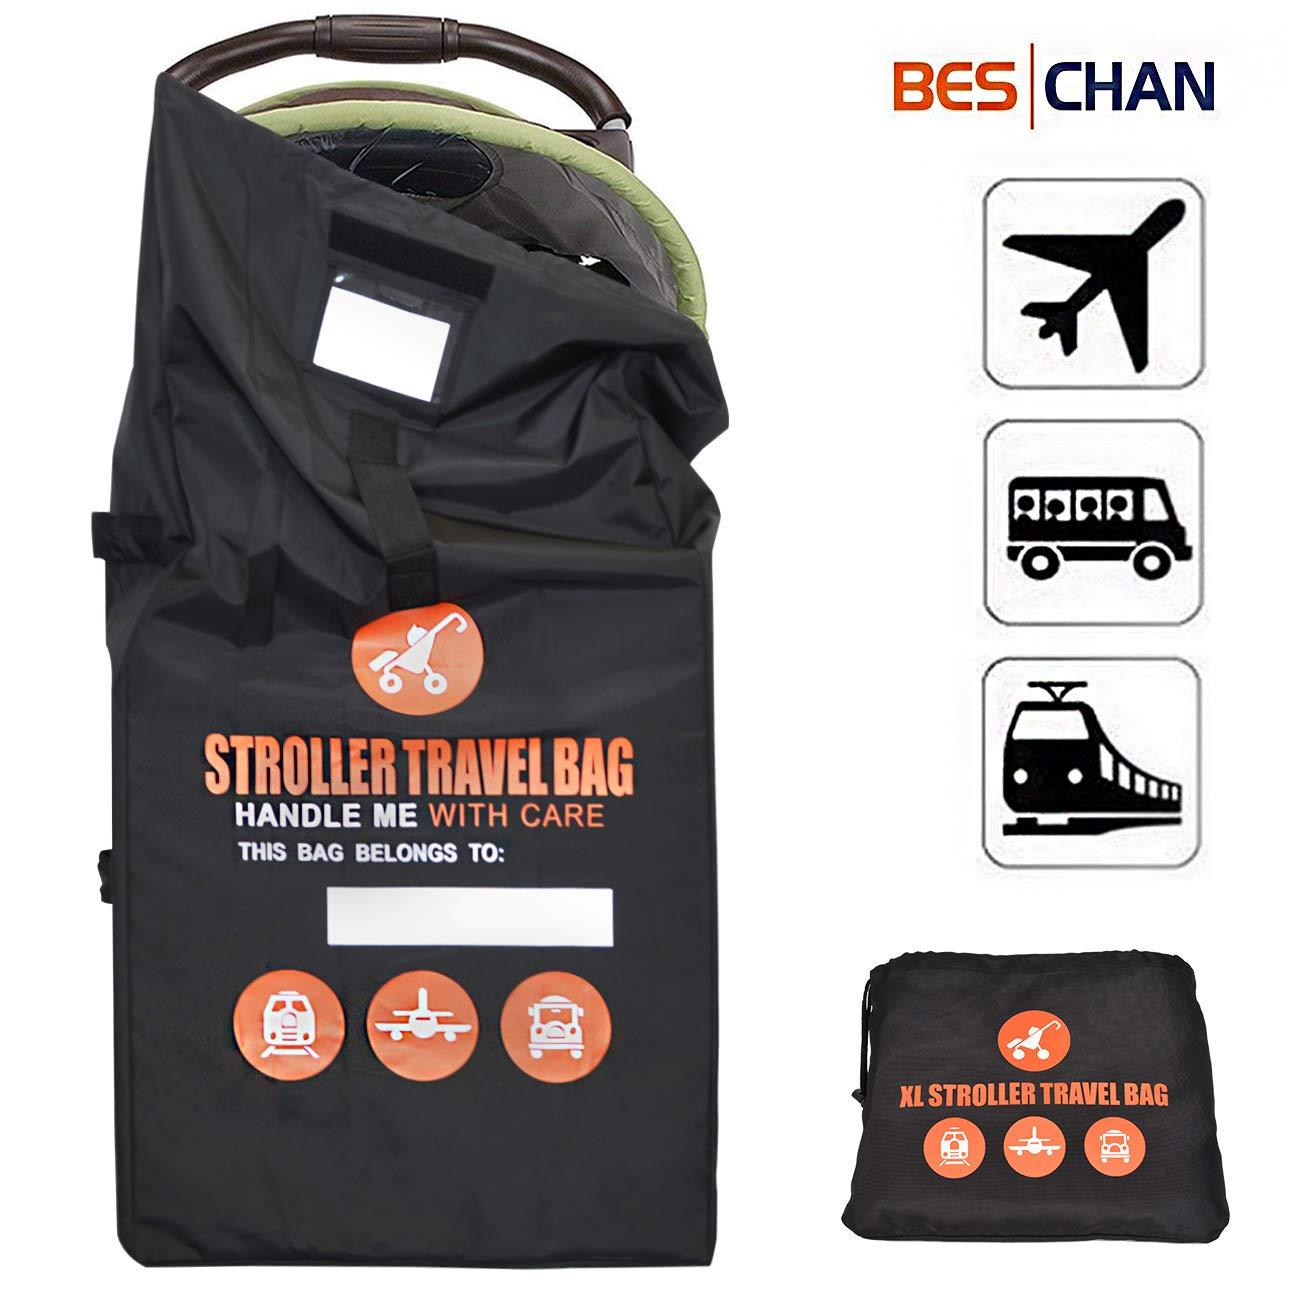 Beschan Standard 84 * 45 * 45 CM Kinderautositz Reisetasche Kinderwagen Transporttaschen Tragetasche Faltbar mit Schulterriemen für Flughafen, Bahnhof, Autofahrten